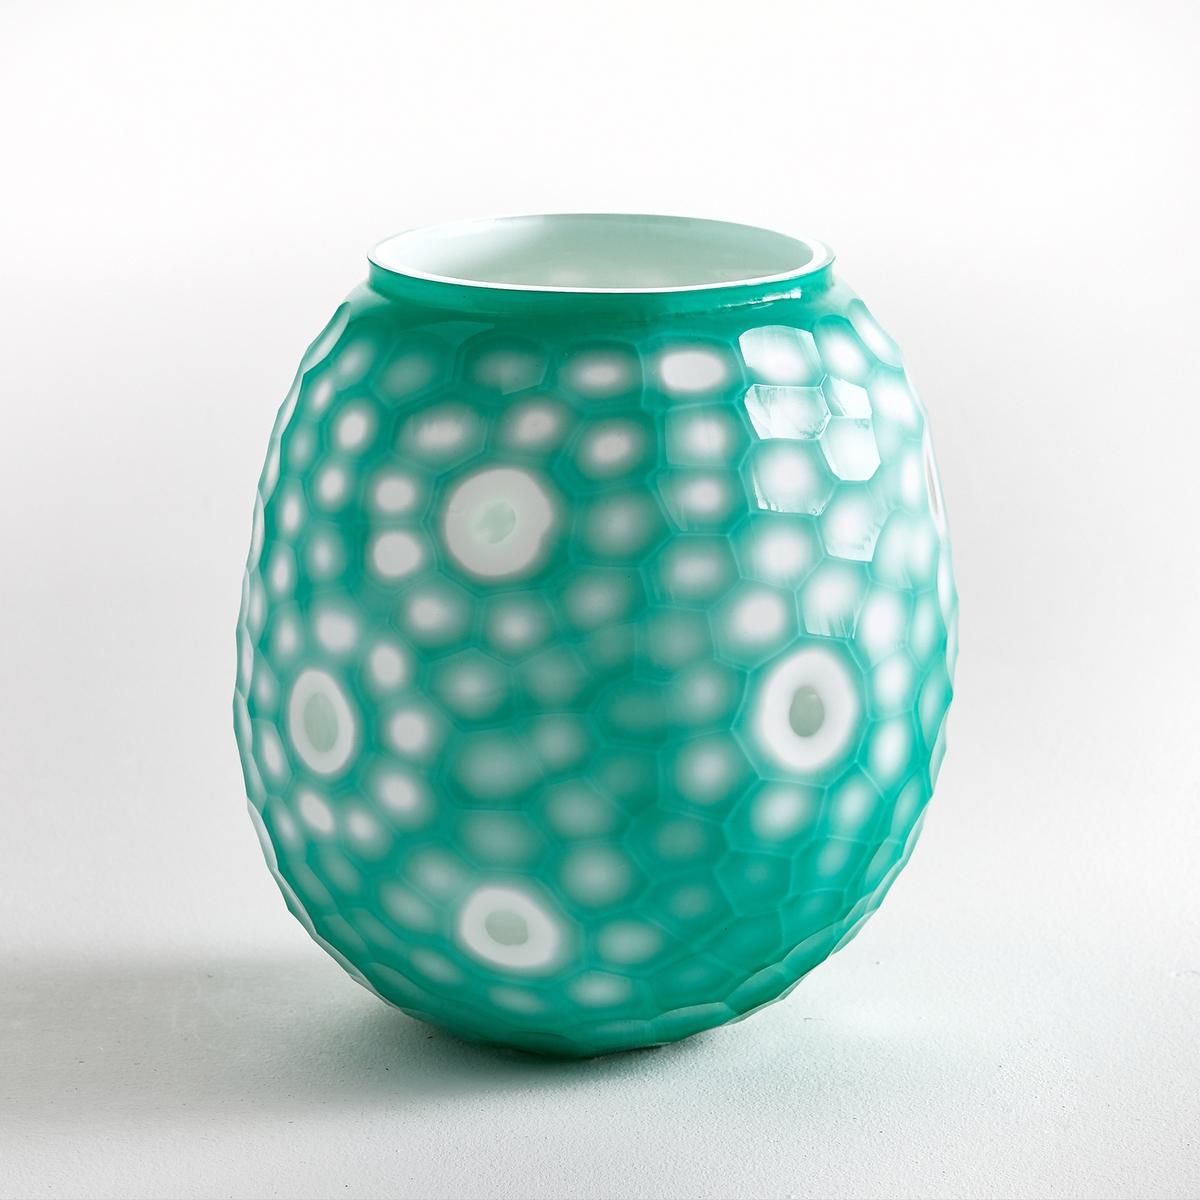 Ваза из опалового стекла Eliseum, большой размер homereligion ваза подсвечник серебрянная из стекла